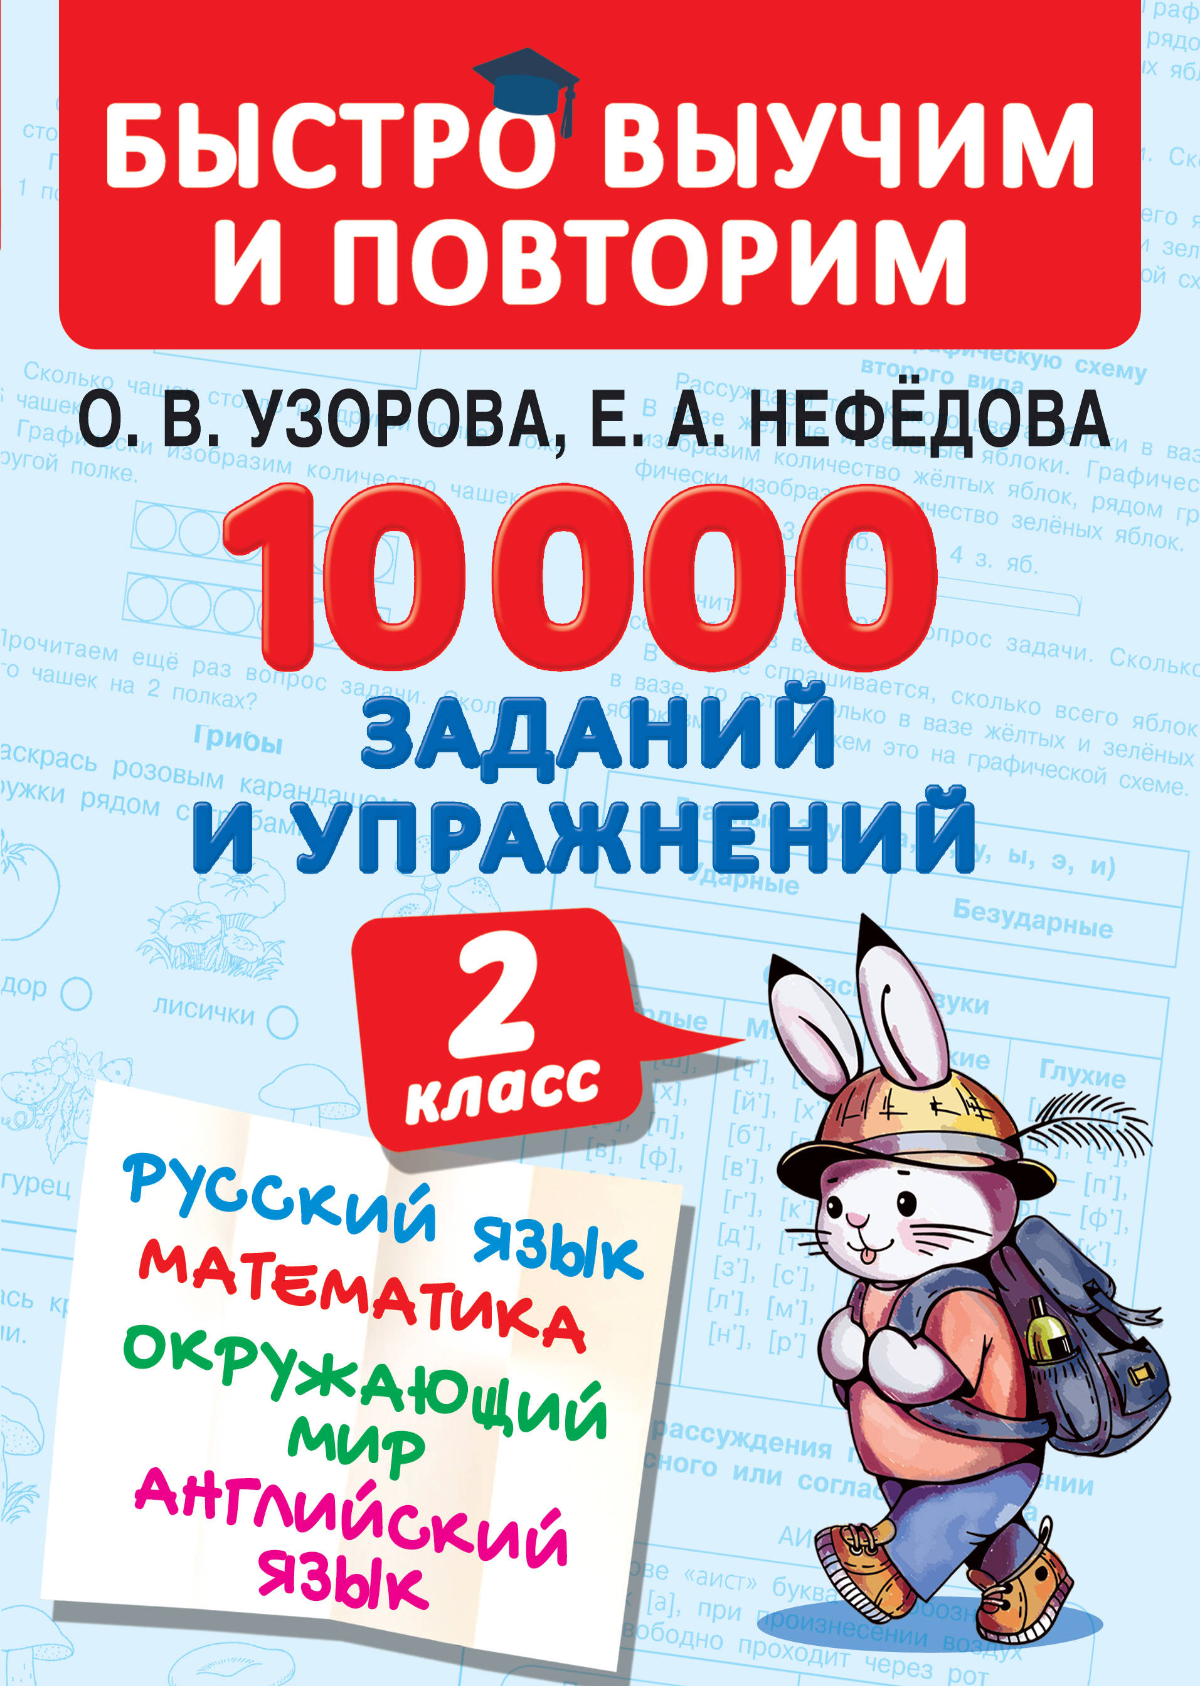 Узорова ОВ Нефедова ЕА 10000 заданий и упражнений 2 класс Русский язык Математика Окружающий мир Английский язык